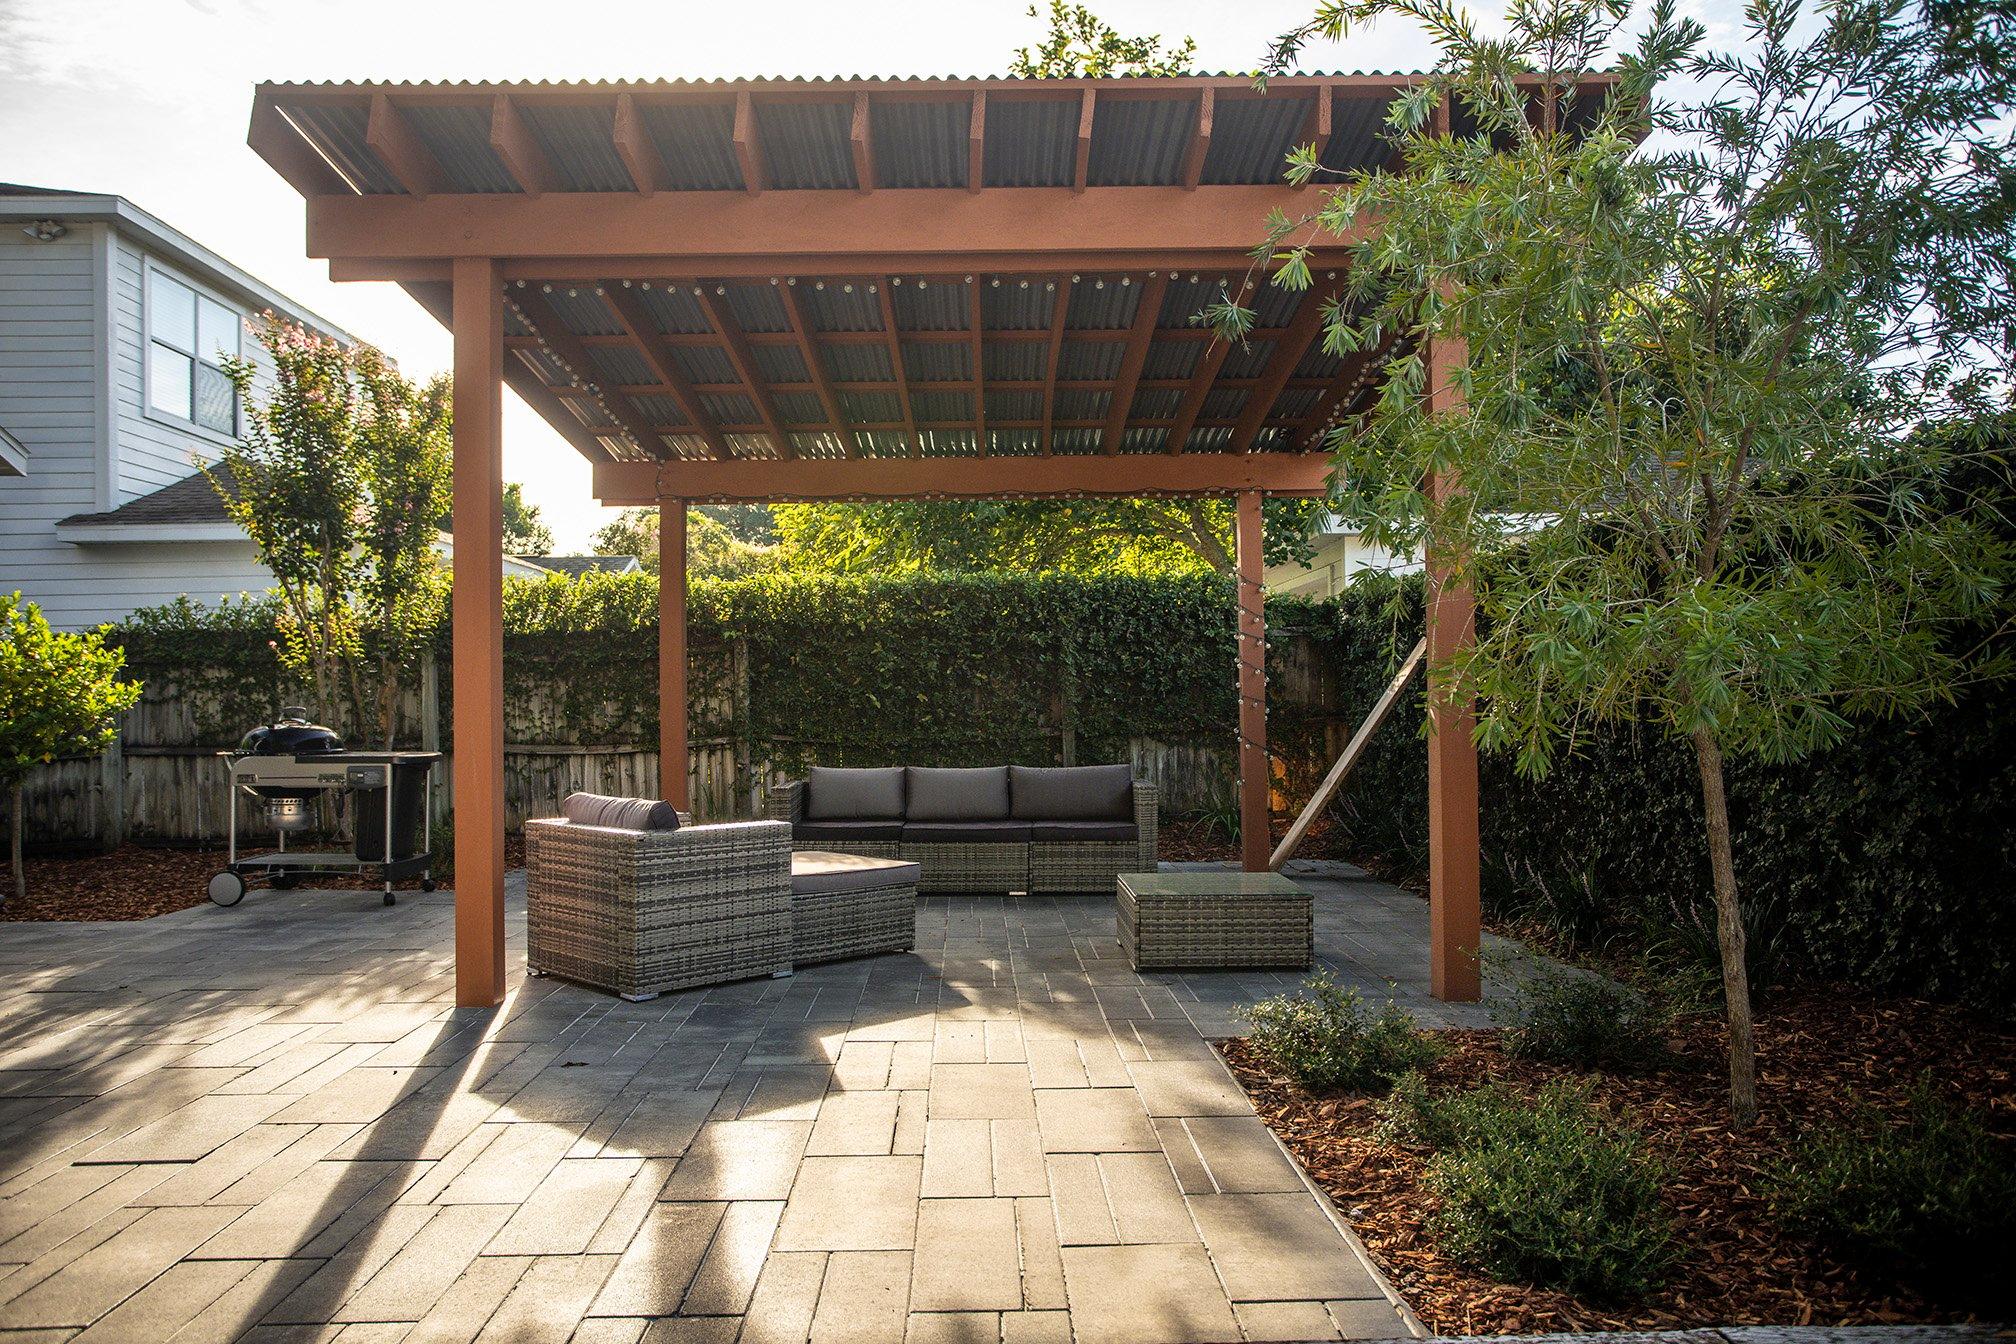 Paver patio with a pergola